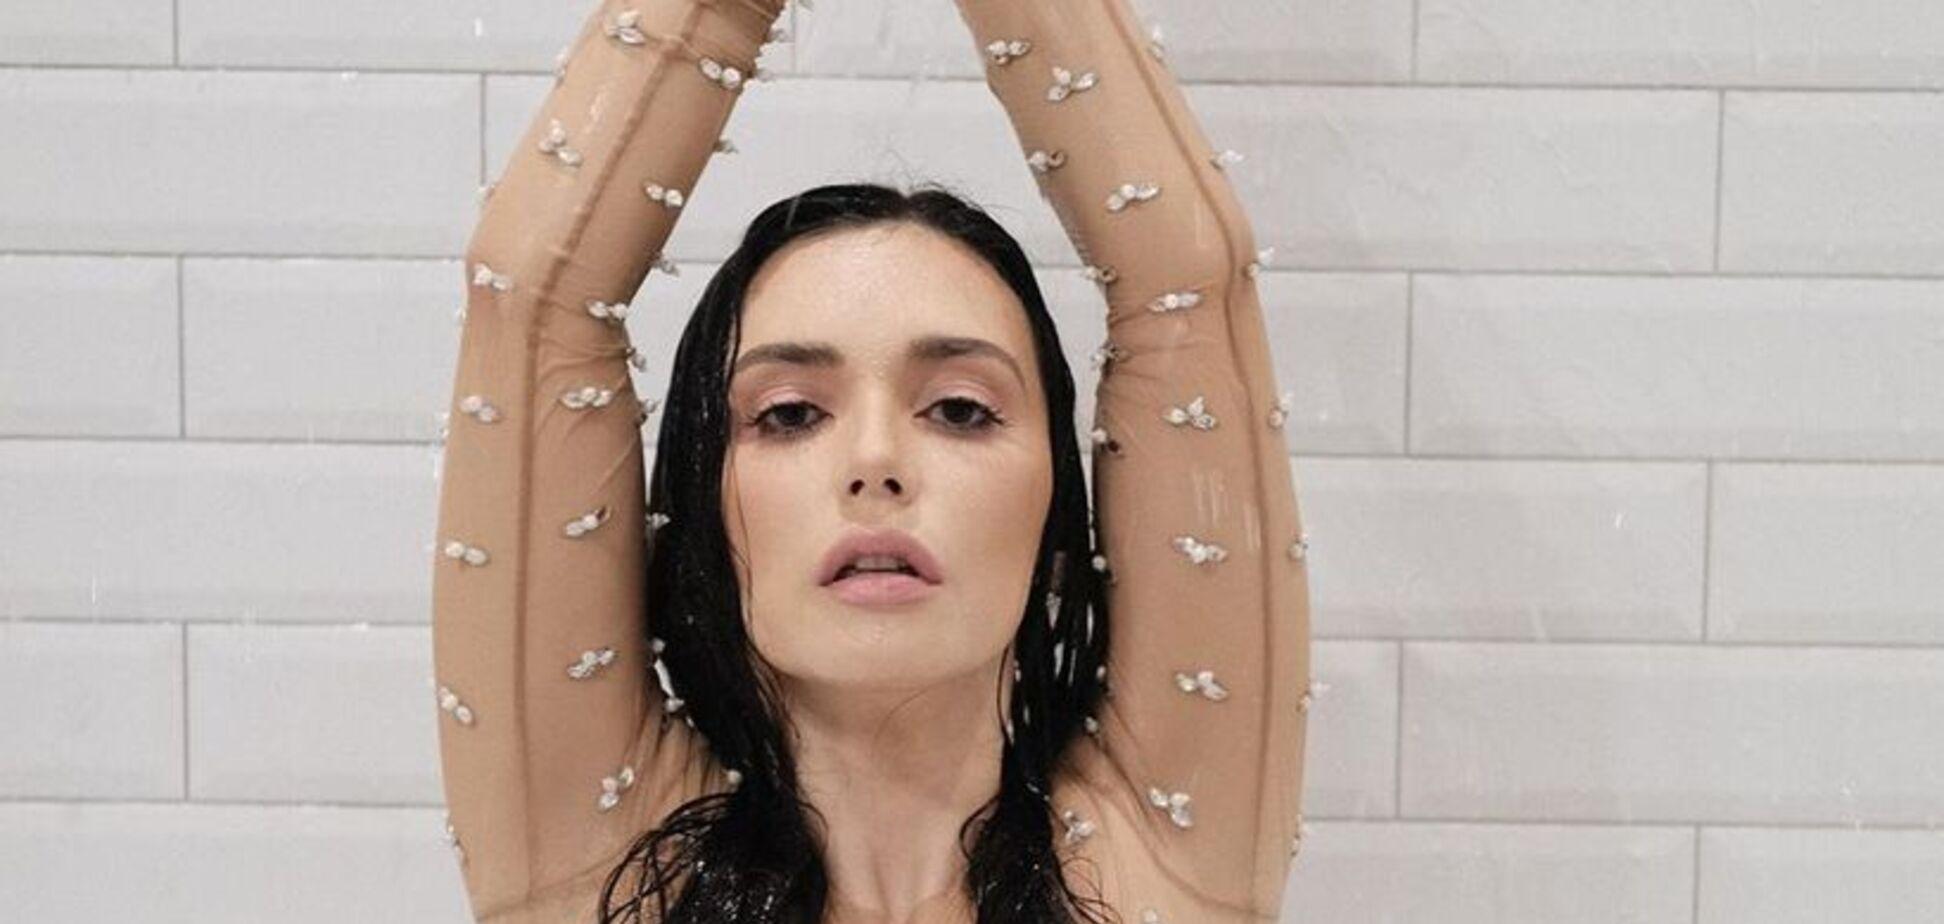 'Соски видно': поп-зірку з Росії розгромили за розпусні знімки